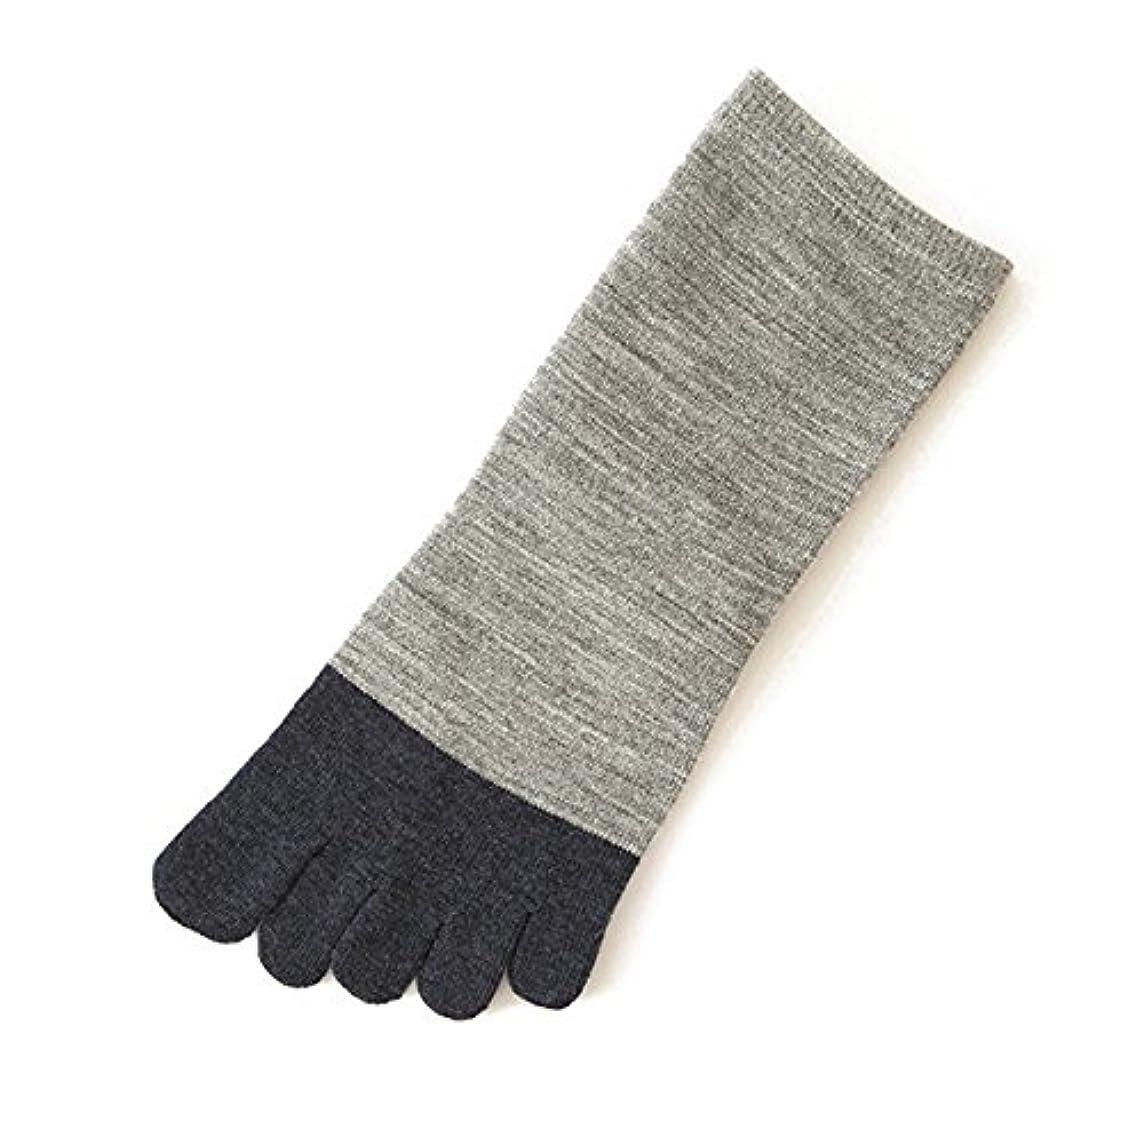 氷ピアノを弾く岸[靴下屋]クツシタヤ 2面切り替え5本指ソックス 22.0~24.0cm 日本製 五本指靴下